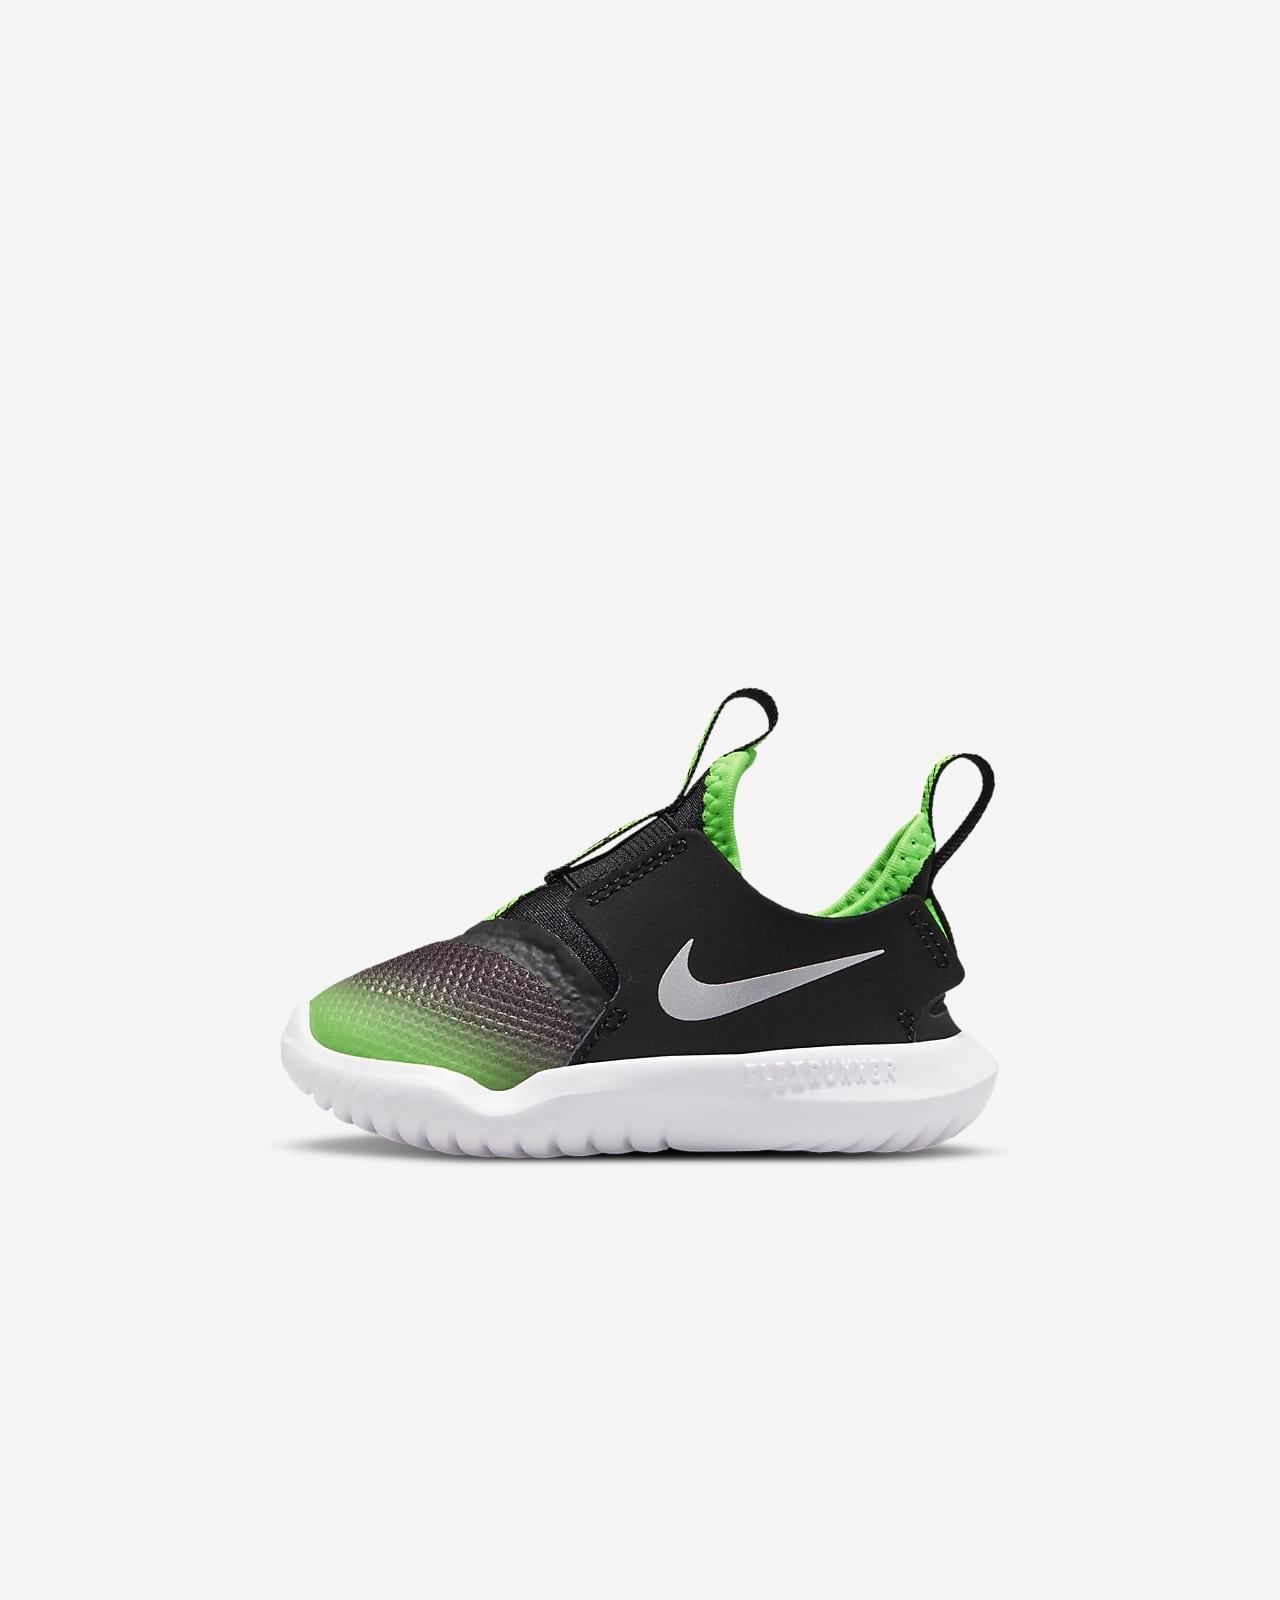 Nike Flex Runner Baby/Toddler Shoes